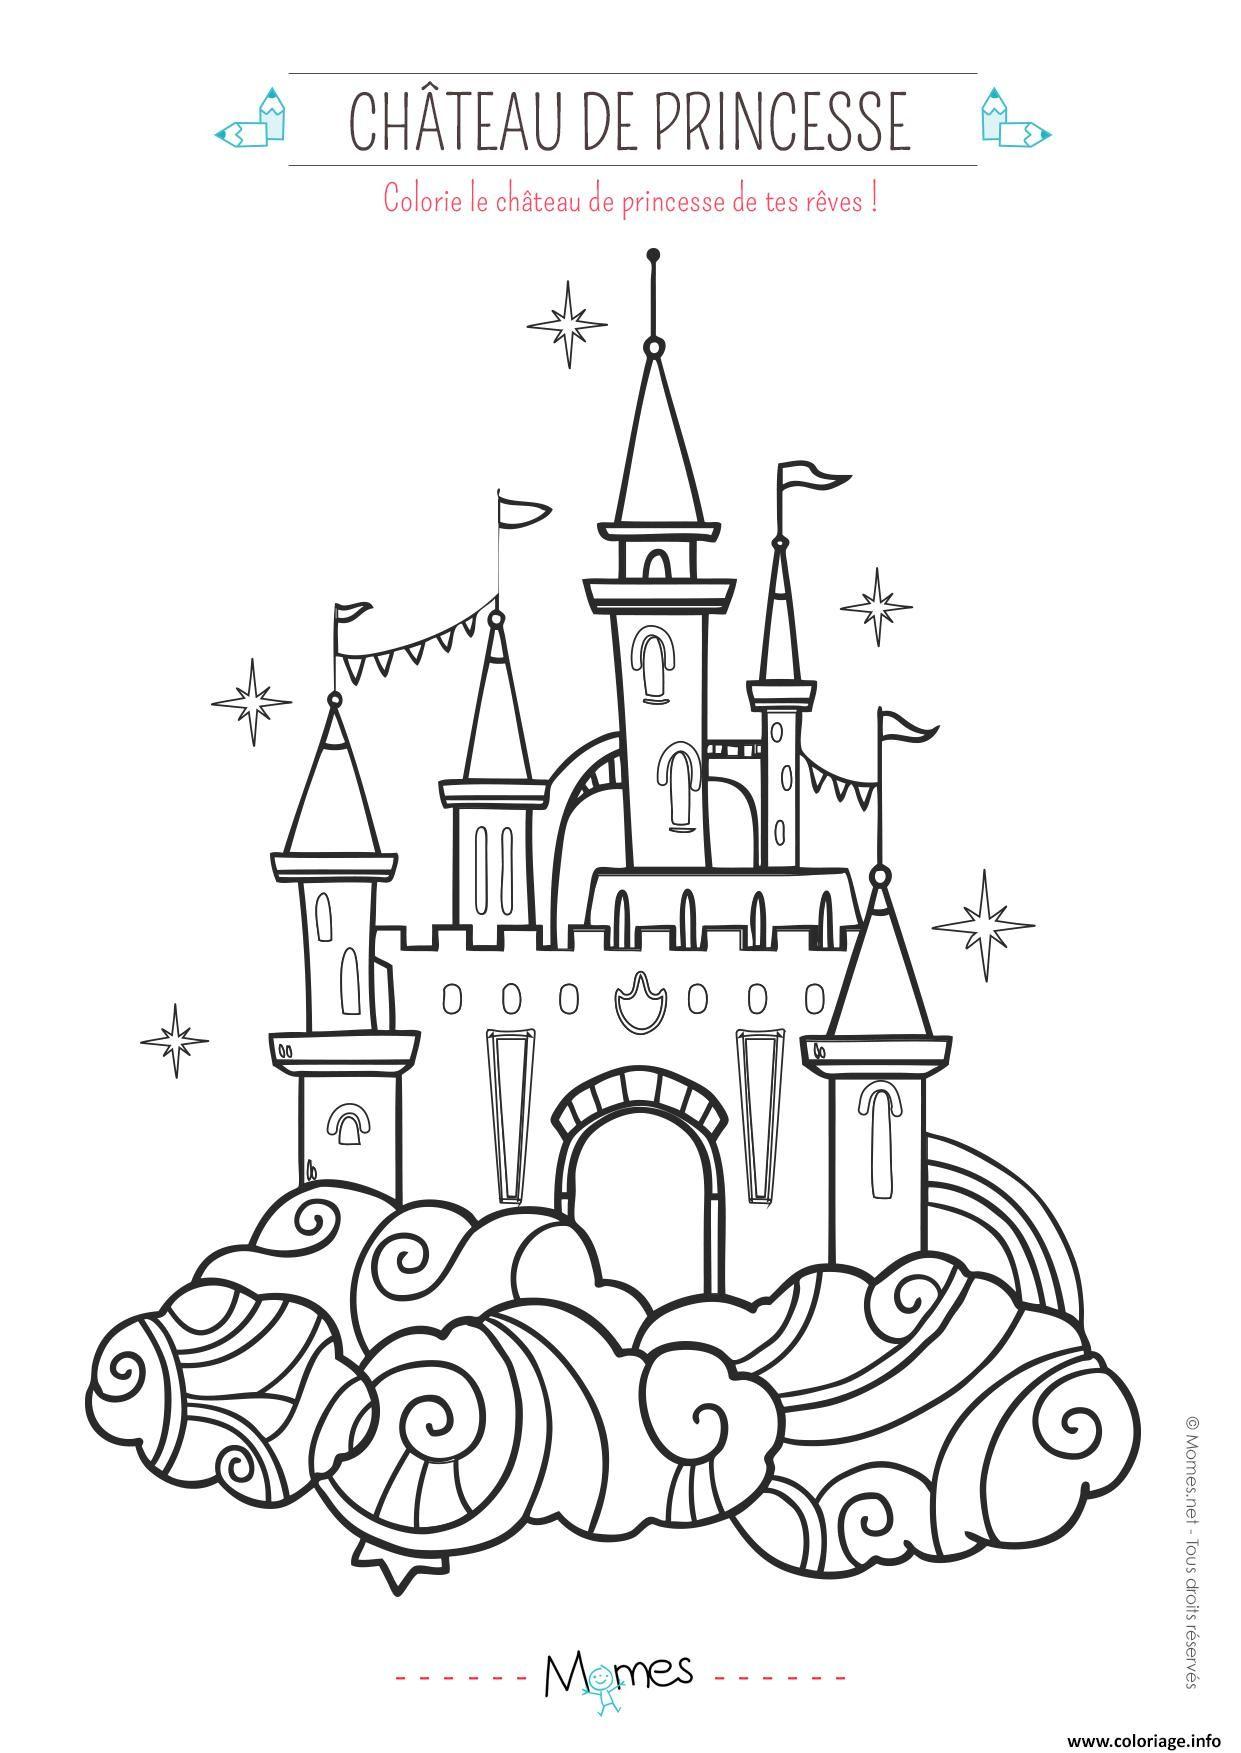 Coloriage Le Chateau De Princesse Dessin À Imprimer concernant Chateau Princesse Dessin